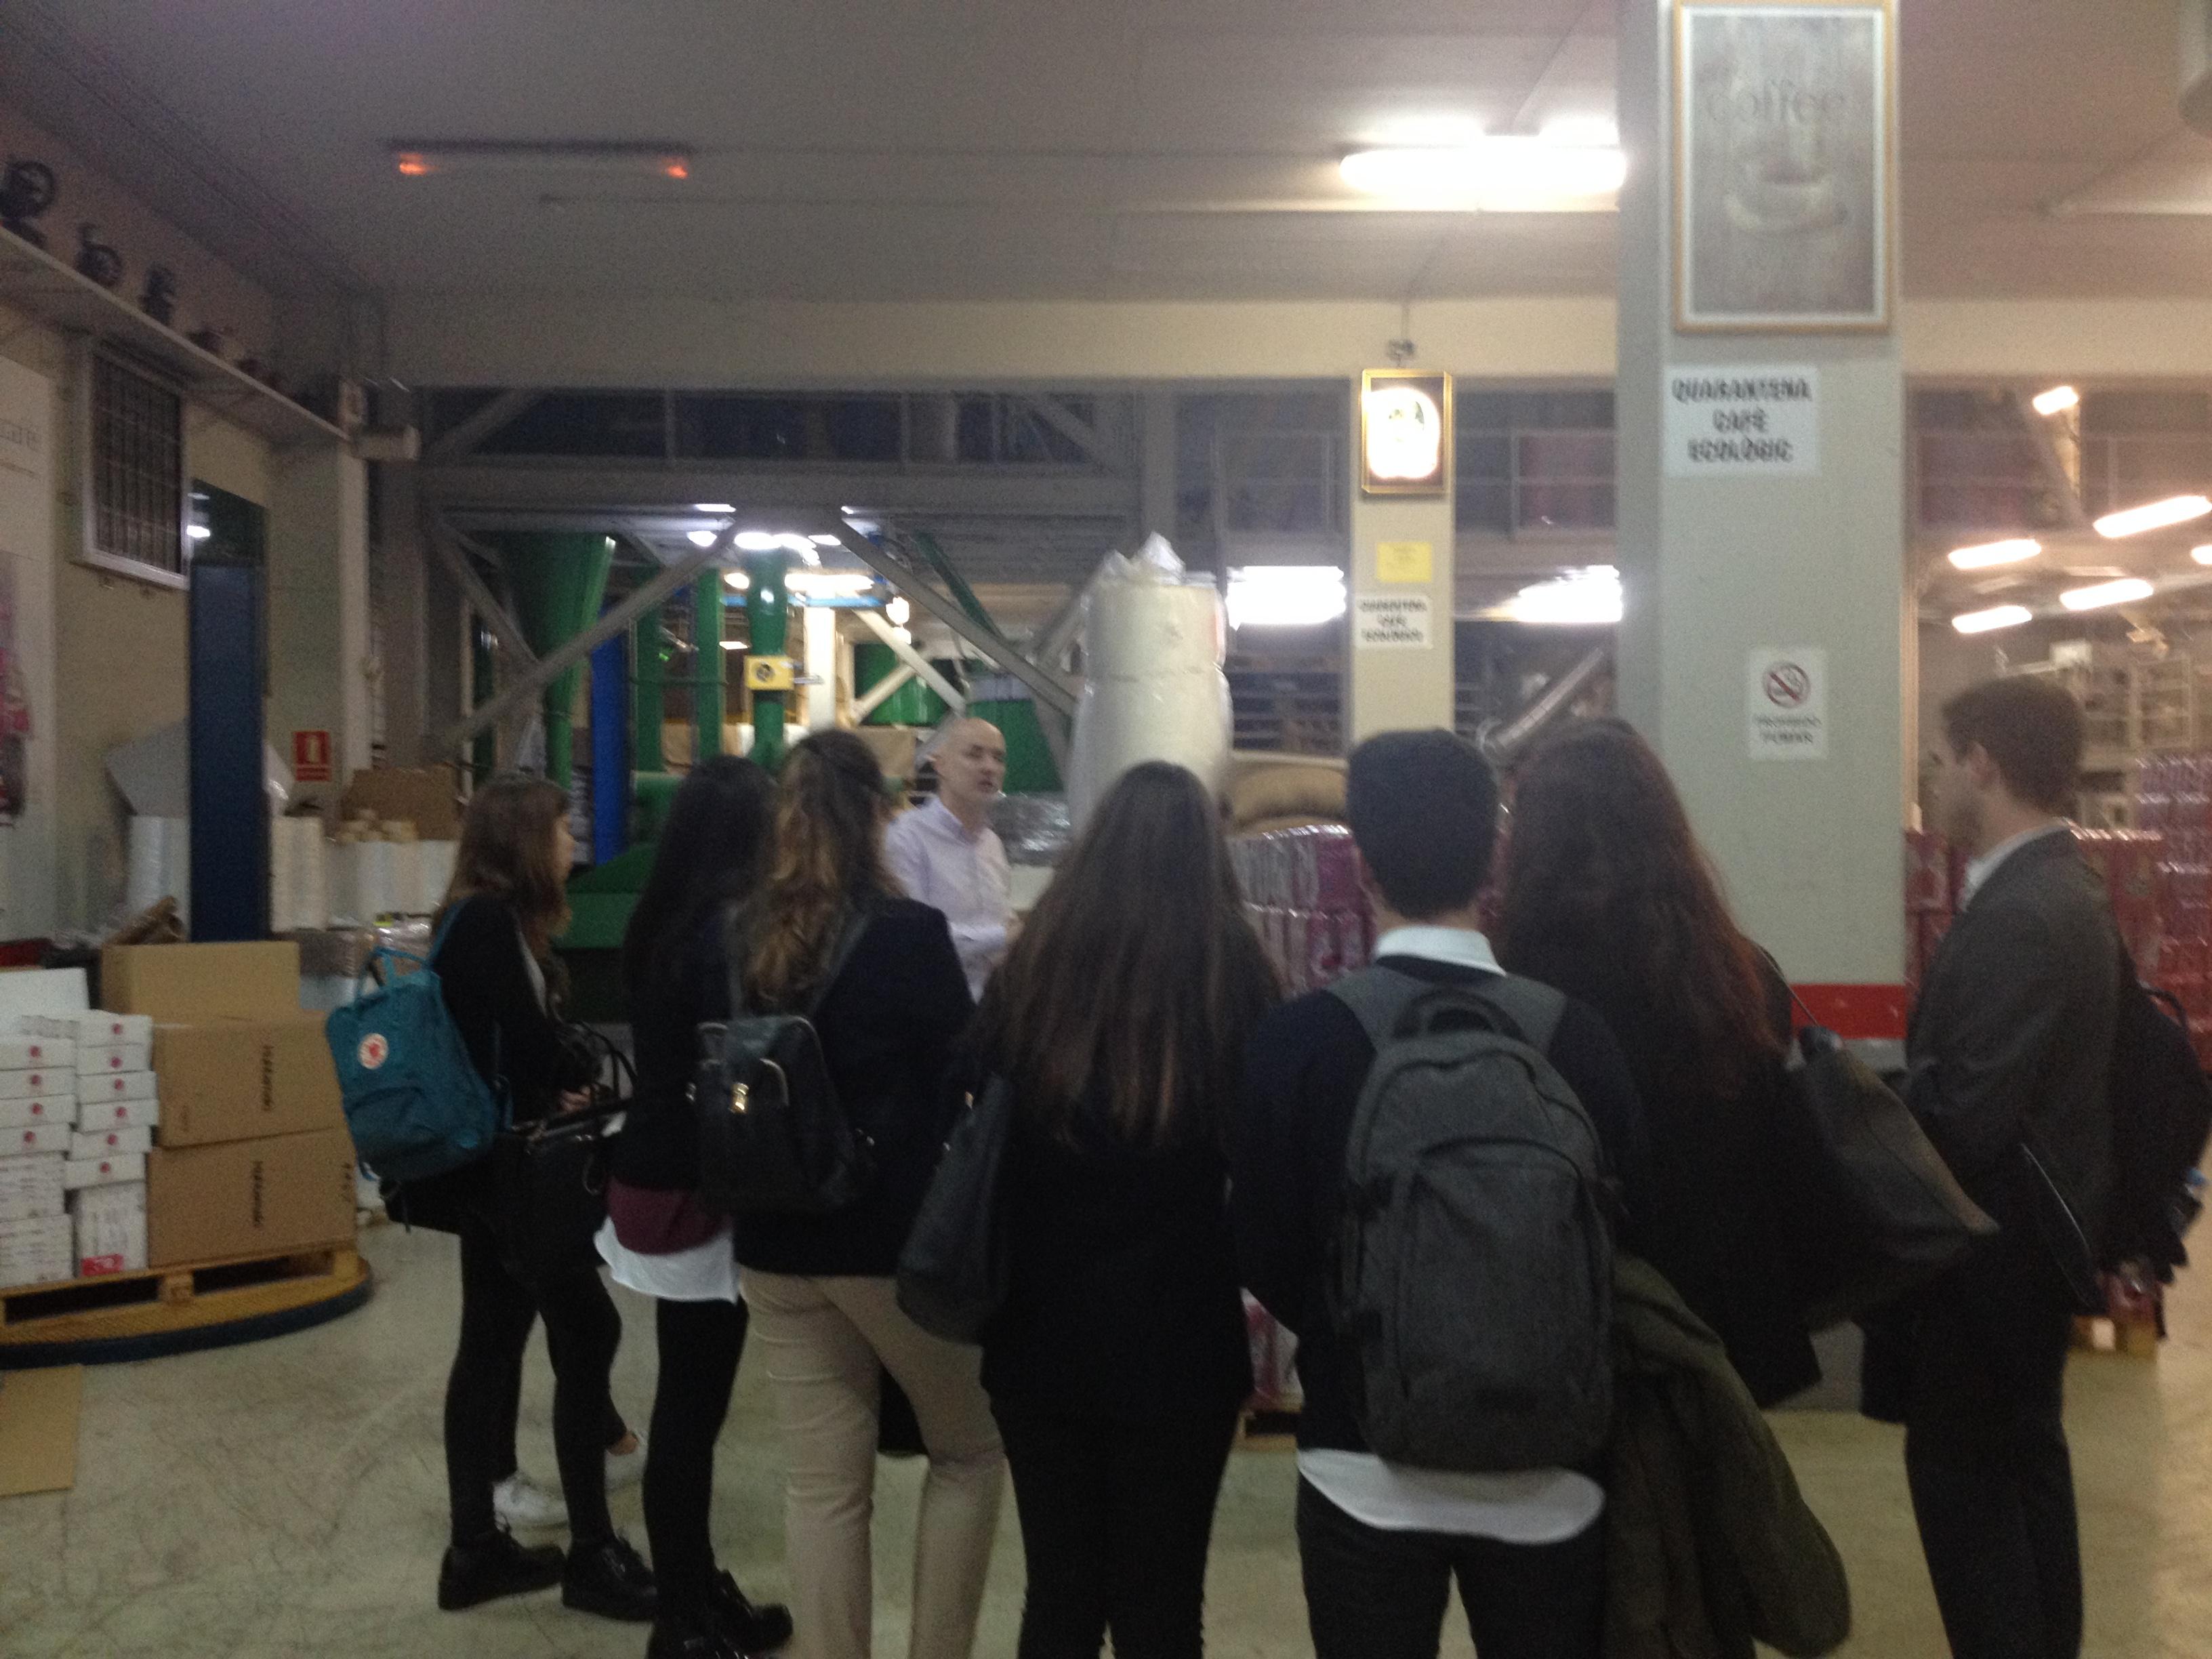 Visita estudiants Sant Ignasi Universitat Ramon Llull